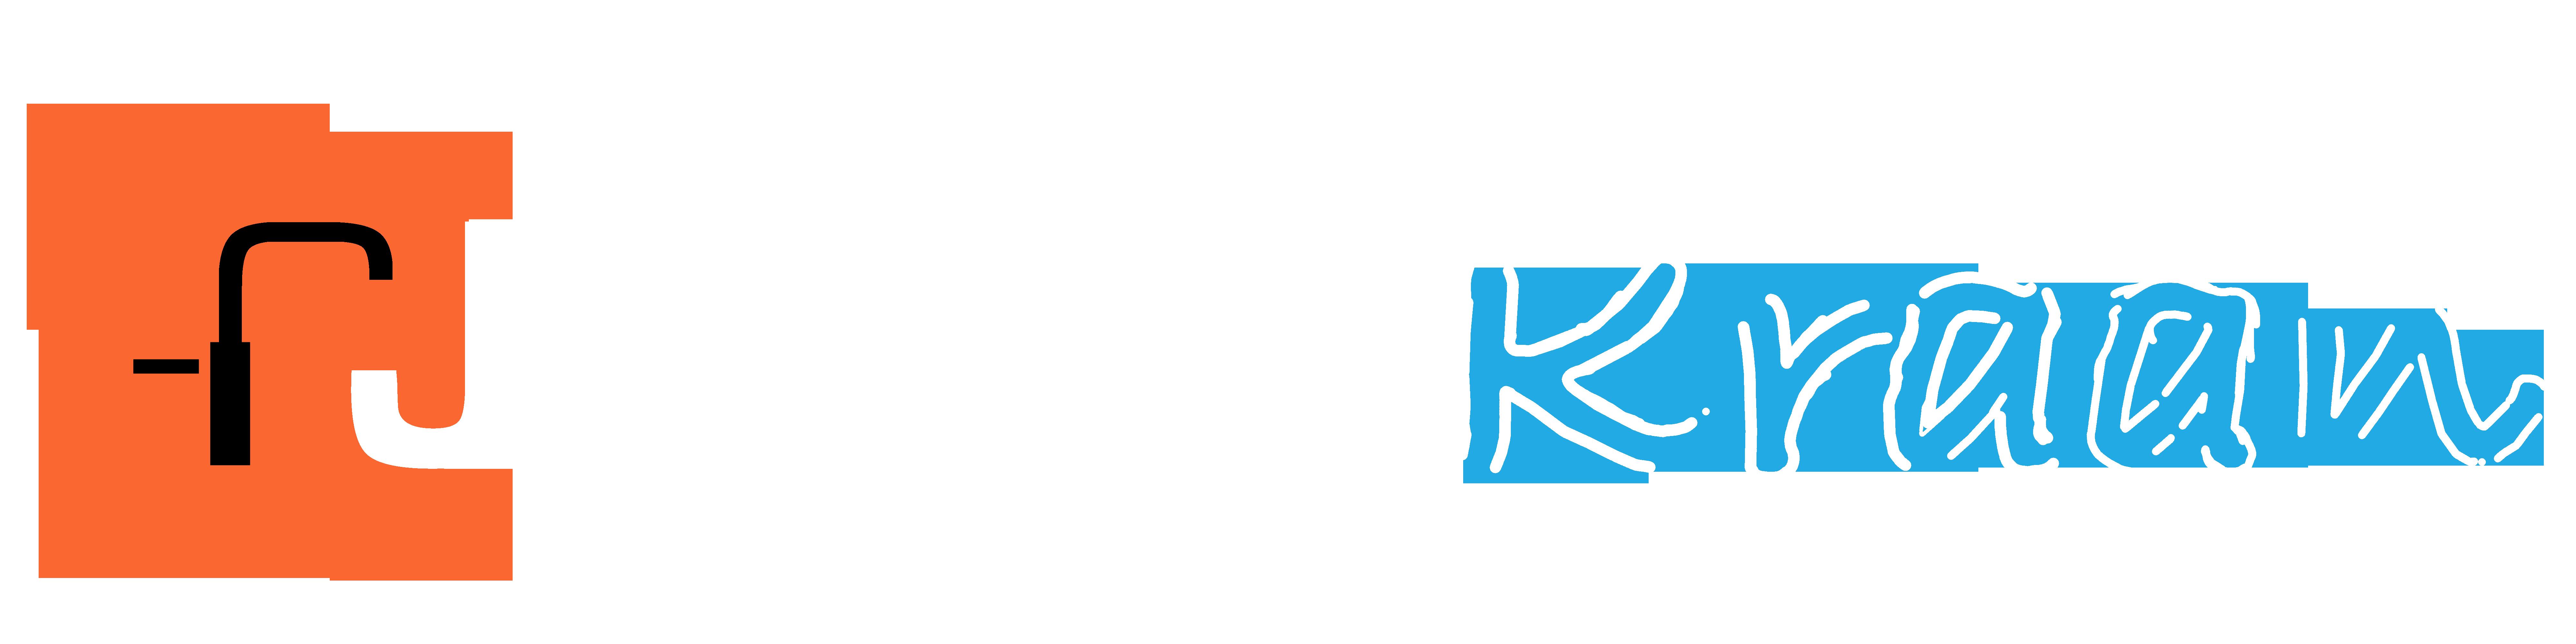 Jouwkraan